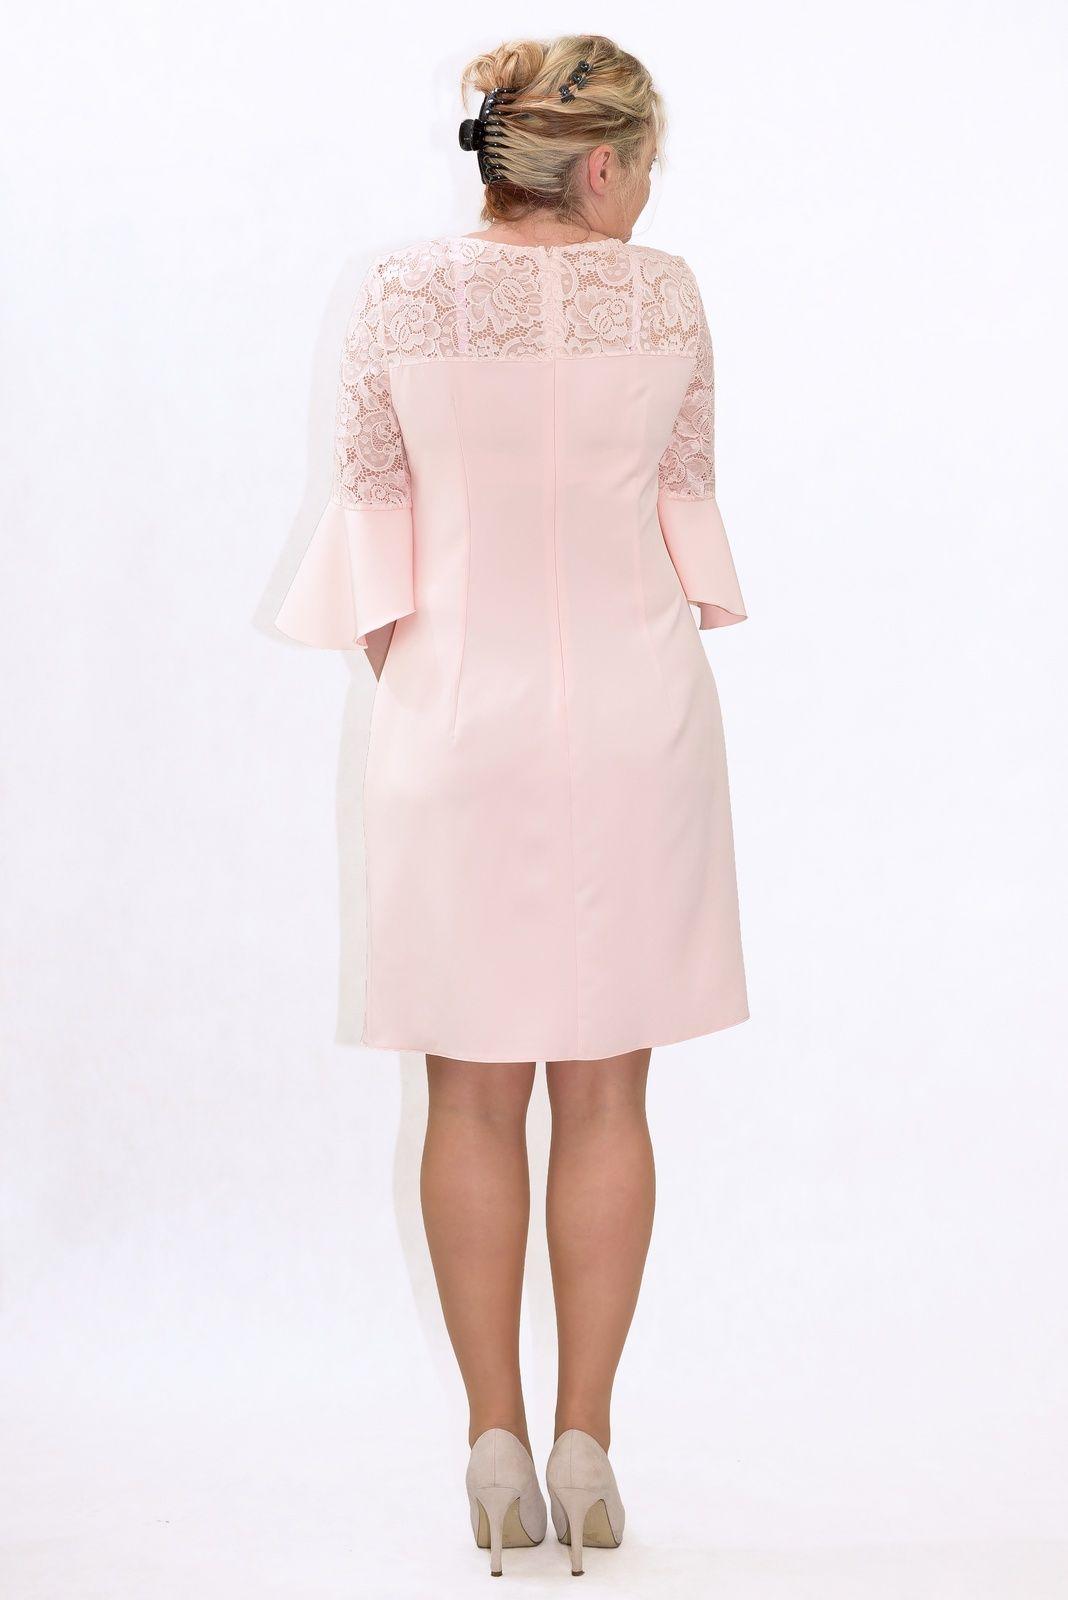 5f456f5254bb Elegancka sukienka XXL 40-60 na wesele PAOLA duże rozmiary - XELKA ...